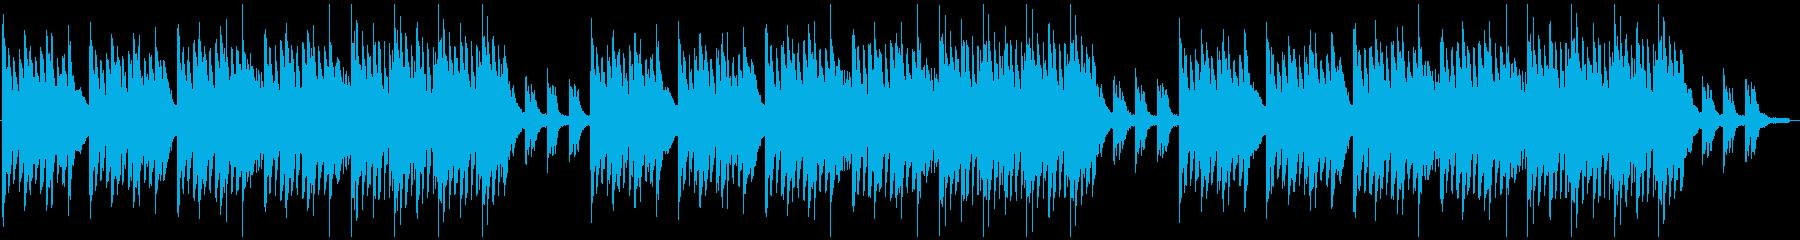 ゆったりした美しいシンプルなピアノ曲の再生済みの波形